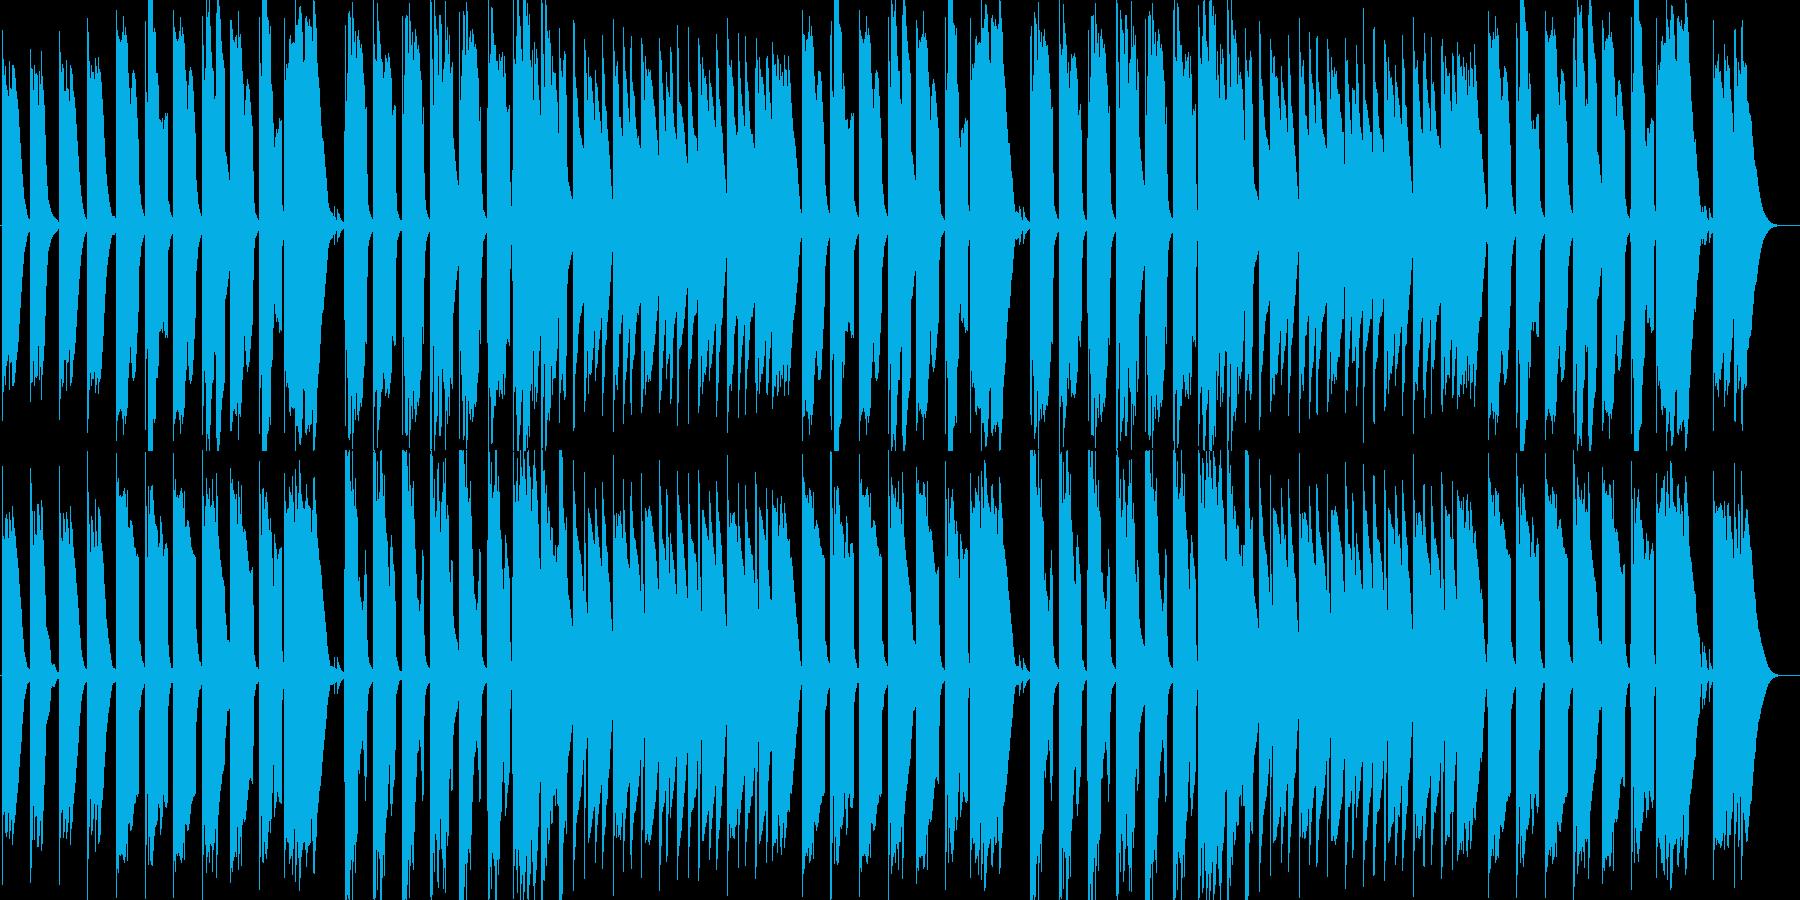 自然や始まりをイメージした優しいBGMの再生済みの波形